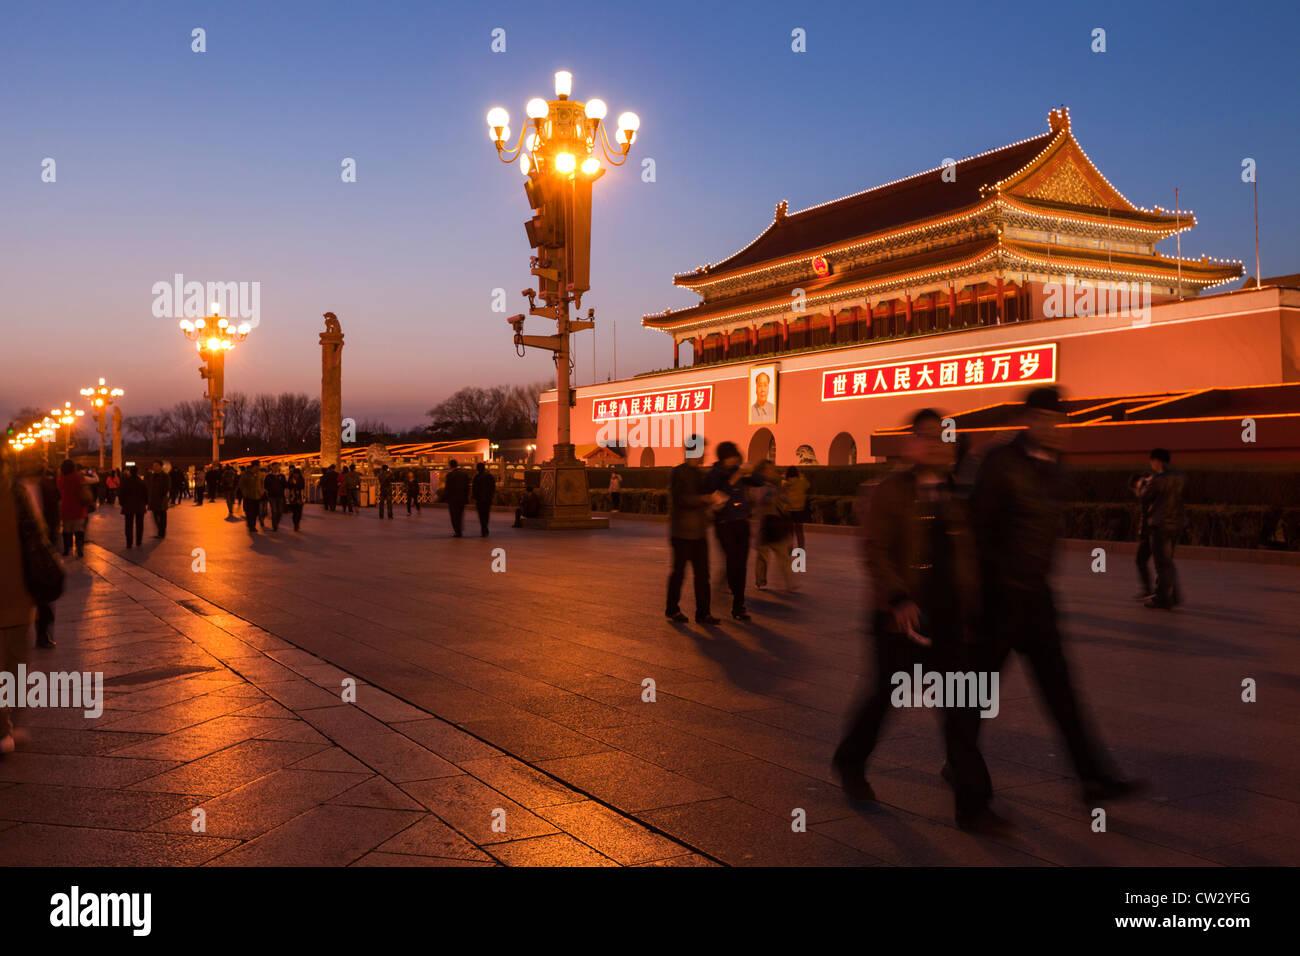 La porte de Tiananmen, la porte de la paix céleste, Beijing, Chine, Photo Stock